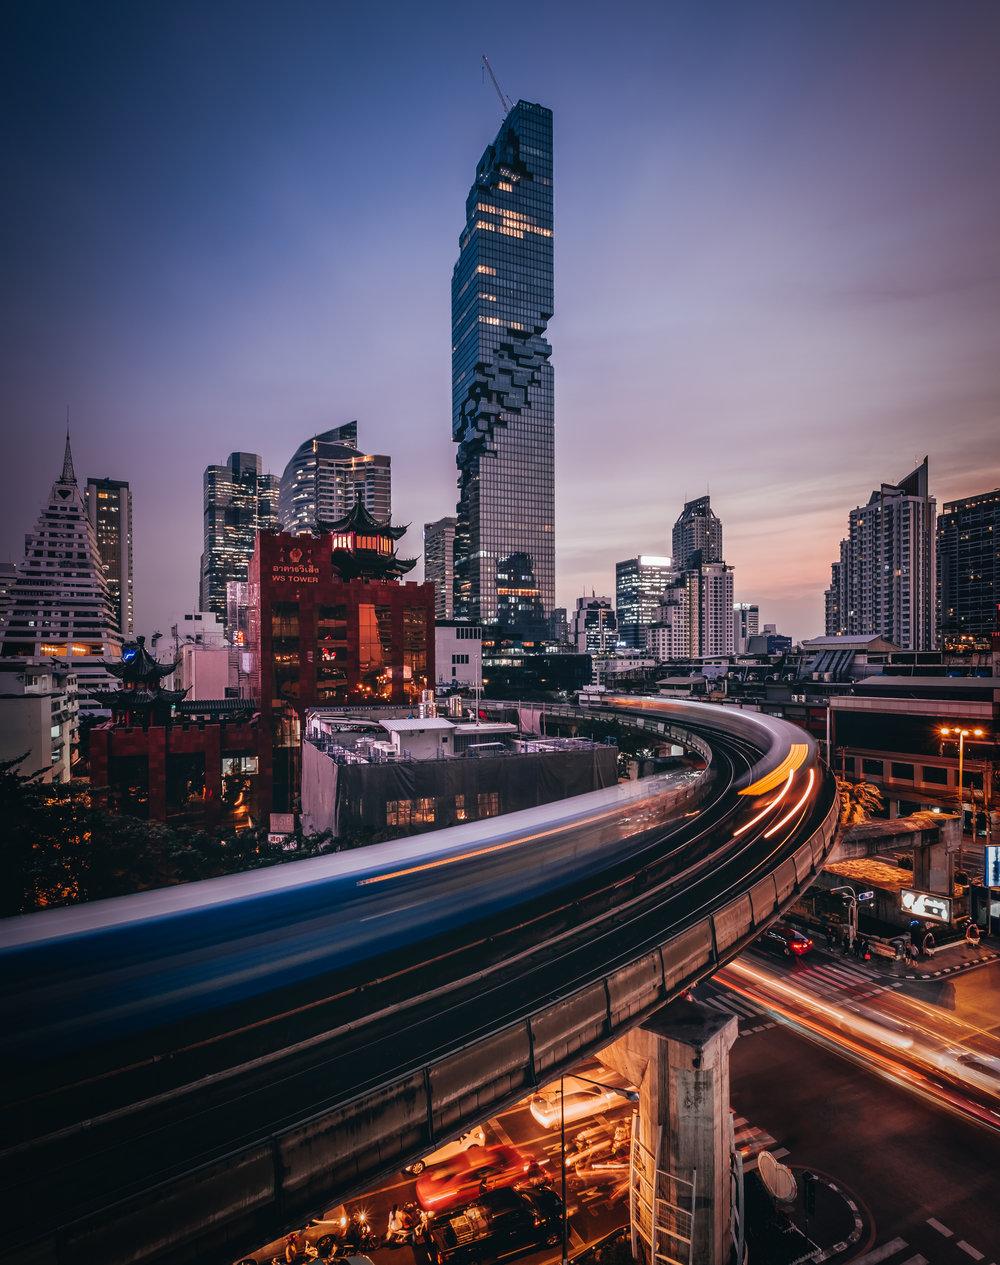 @kankankavee - Bangkok, Thailand